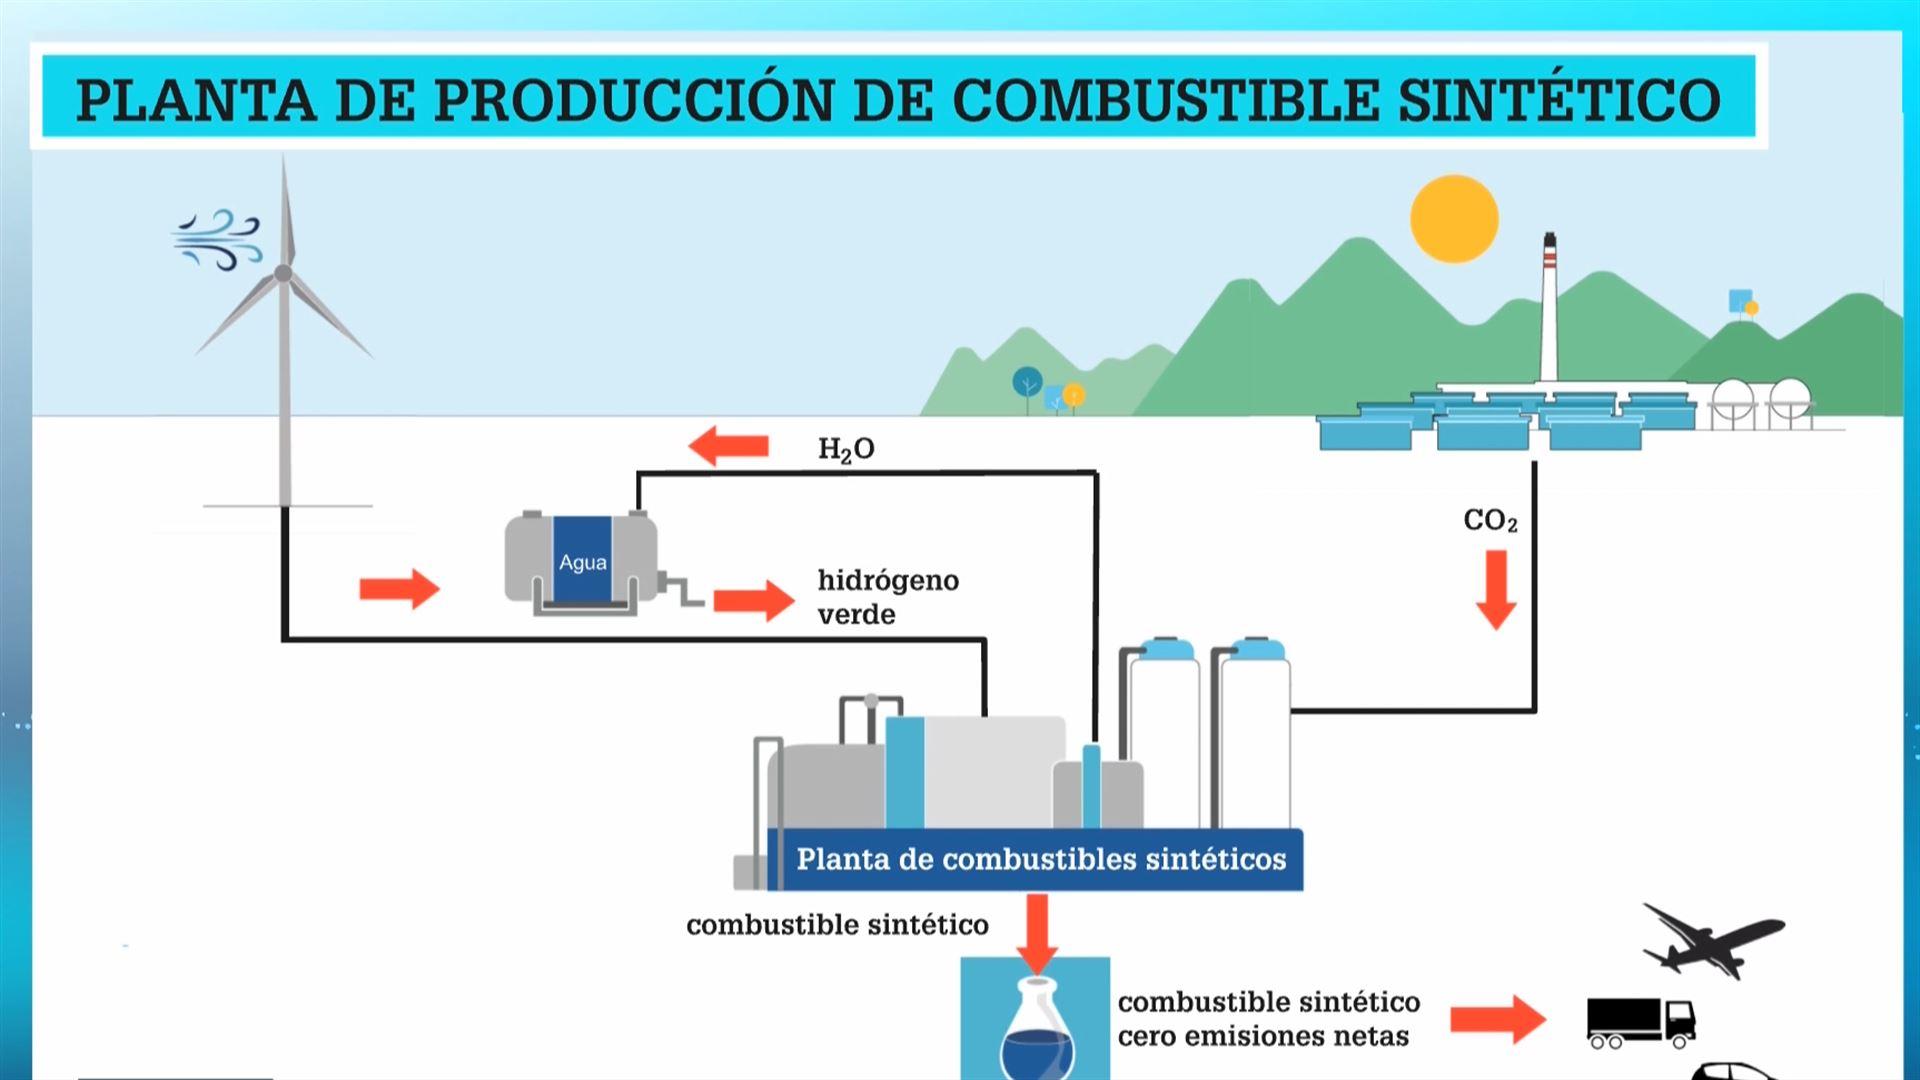 https://images11.eitb.eus/multimedia/images/2020/06/15/2618916/20200615175247_repsol-combustible-sintetico_original_imagen.jpg